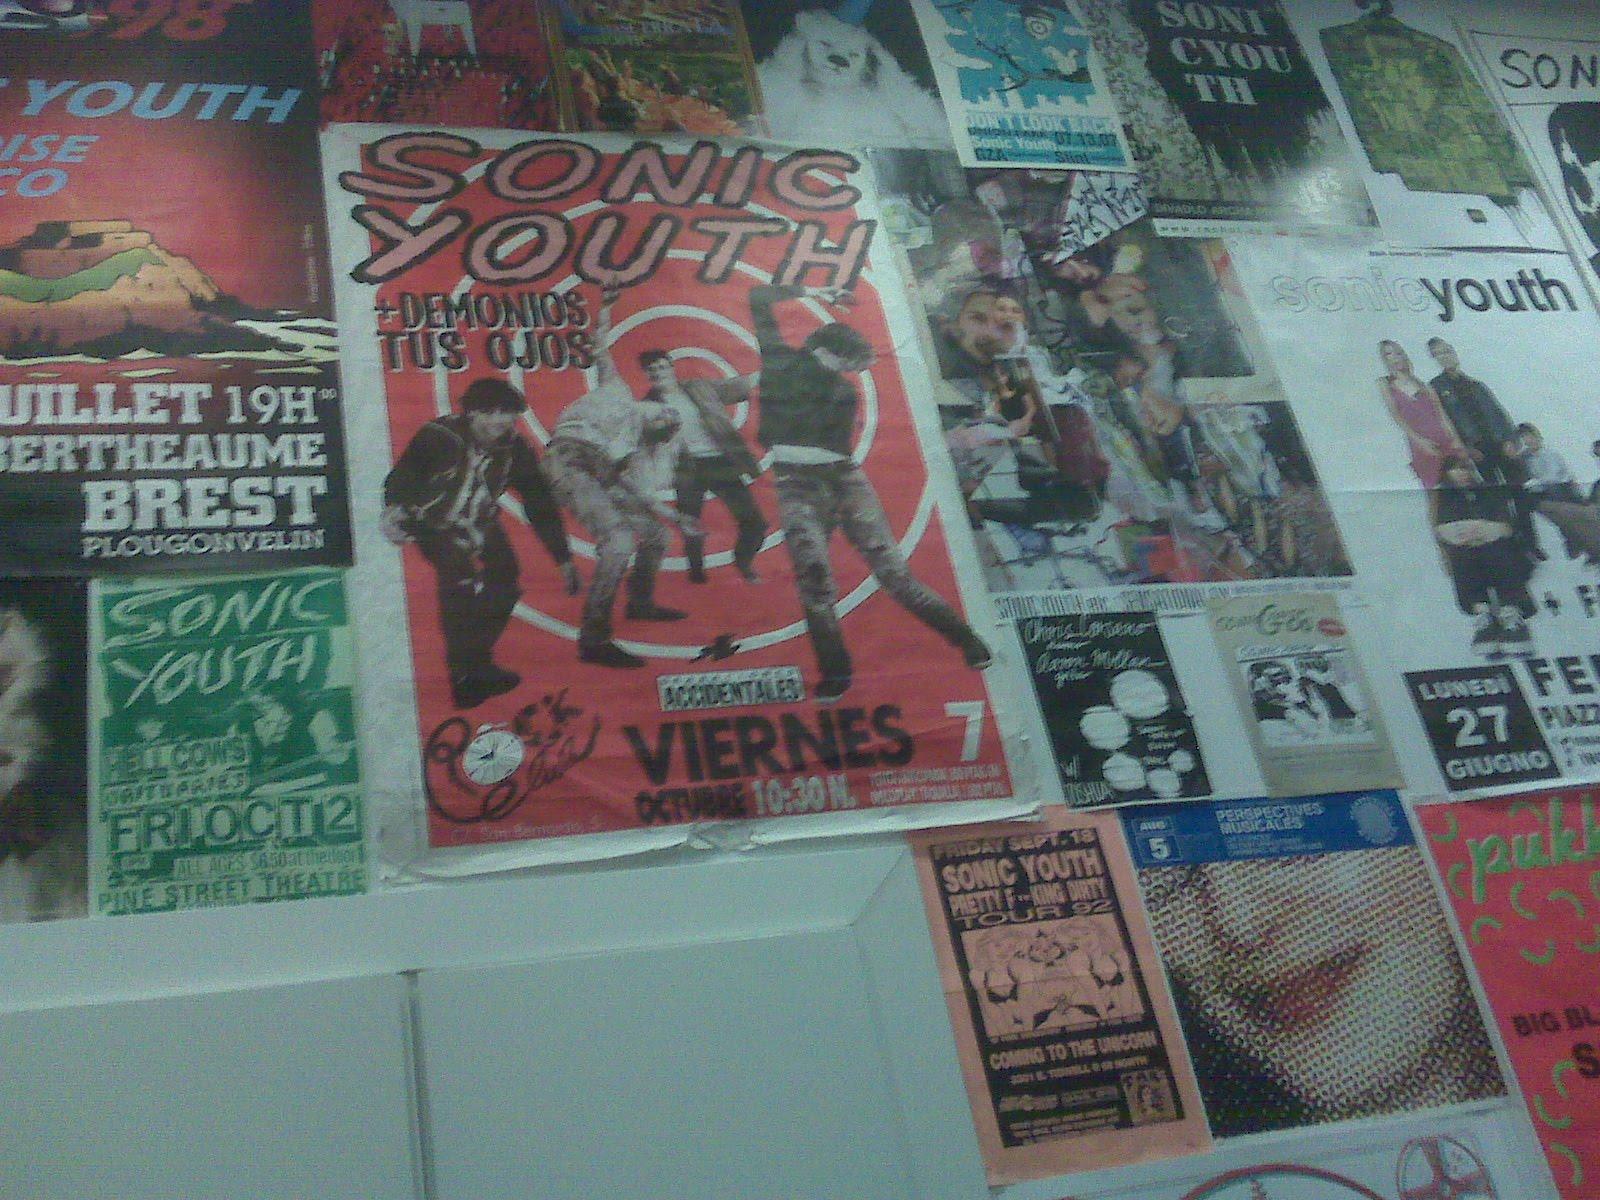 Sonic Youth Delirio Y 3 Carolink Fingers